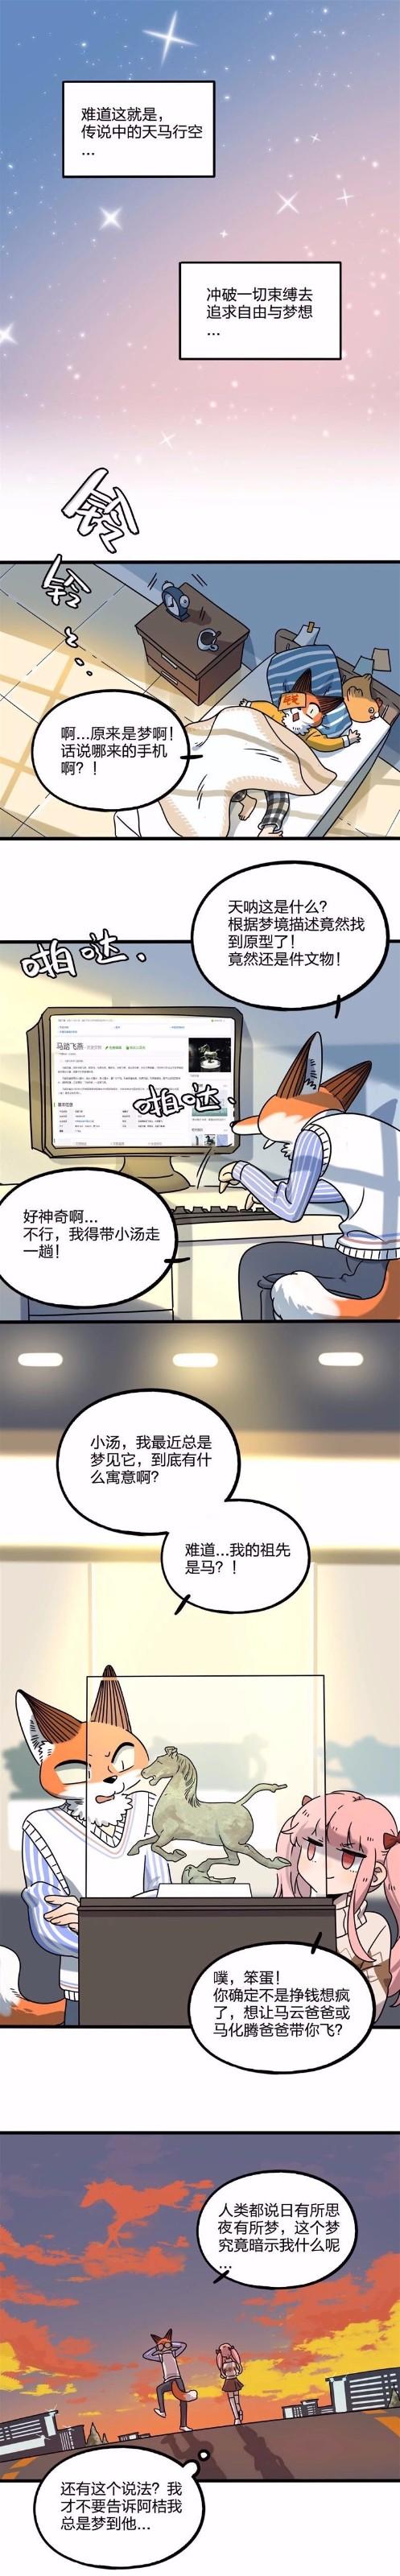 废柴狐:无文字结尾.jpg